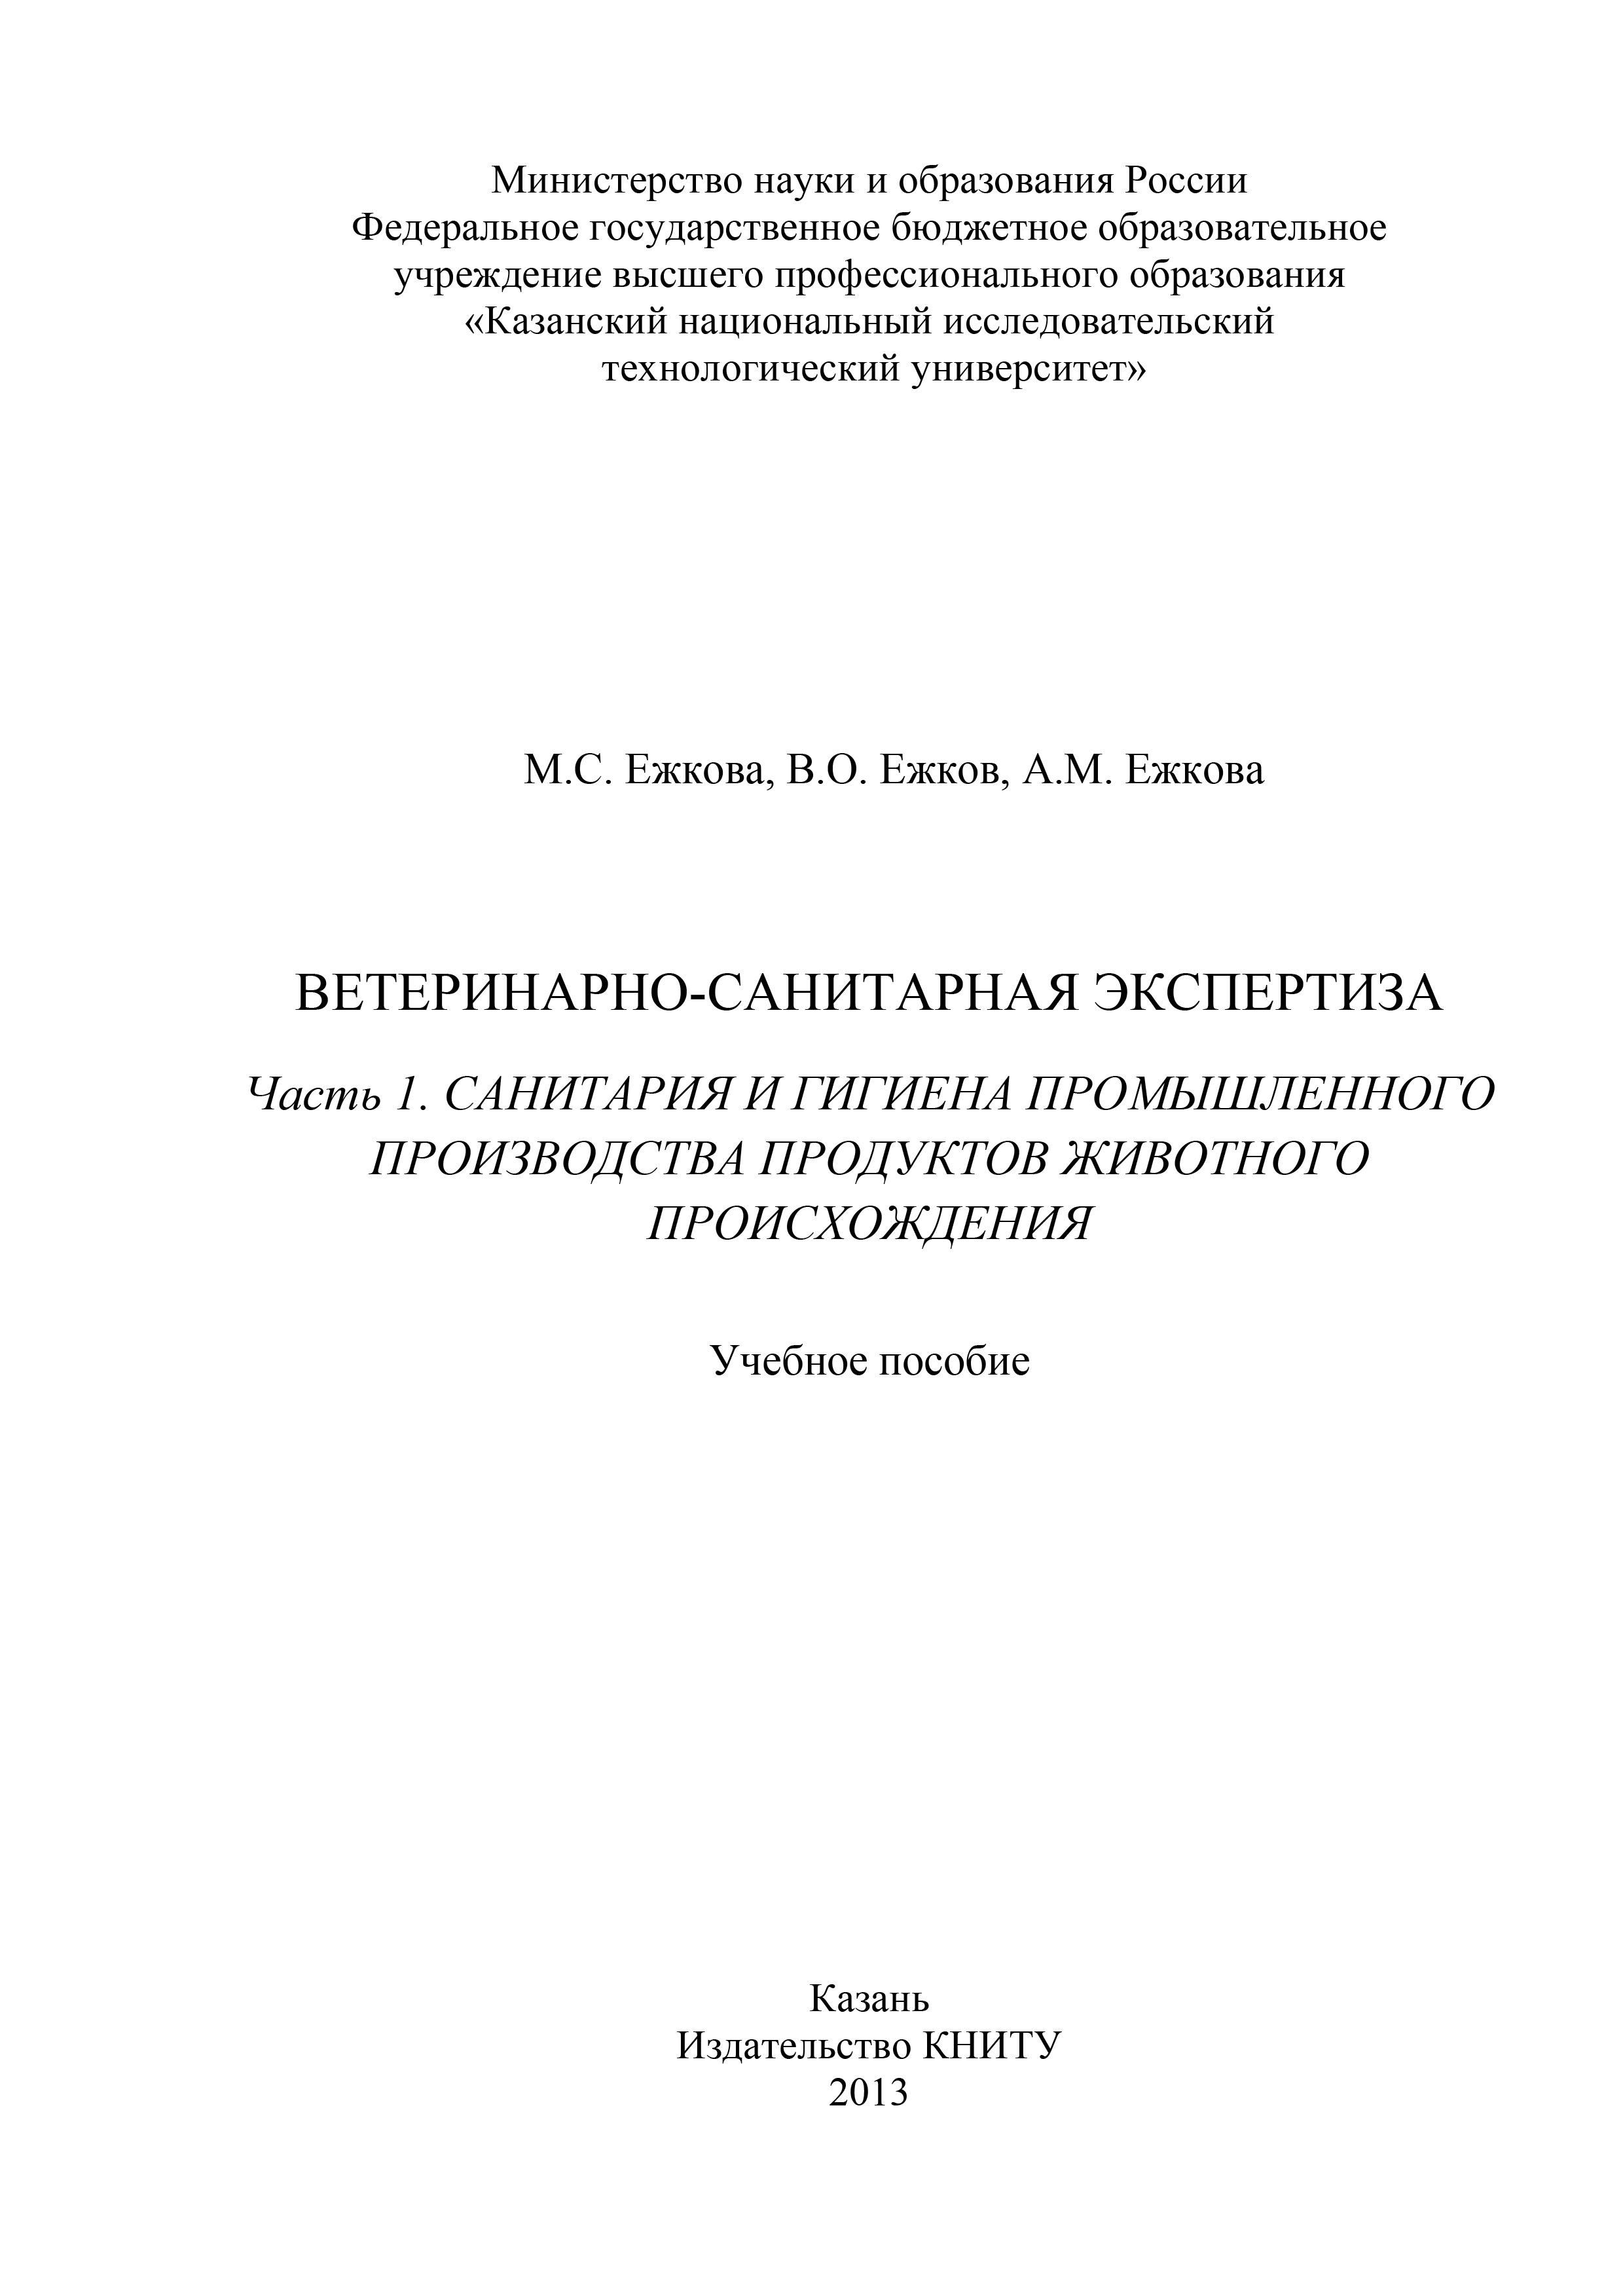 В. О. Ежков Ветеринарно-санитарная экспертиза. Часть 1. Санитария и гигиена промышленного производства продуктов животного происхождения